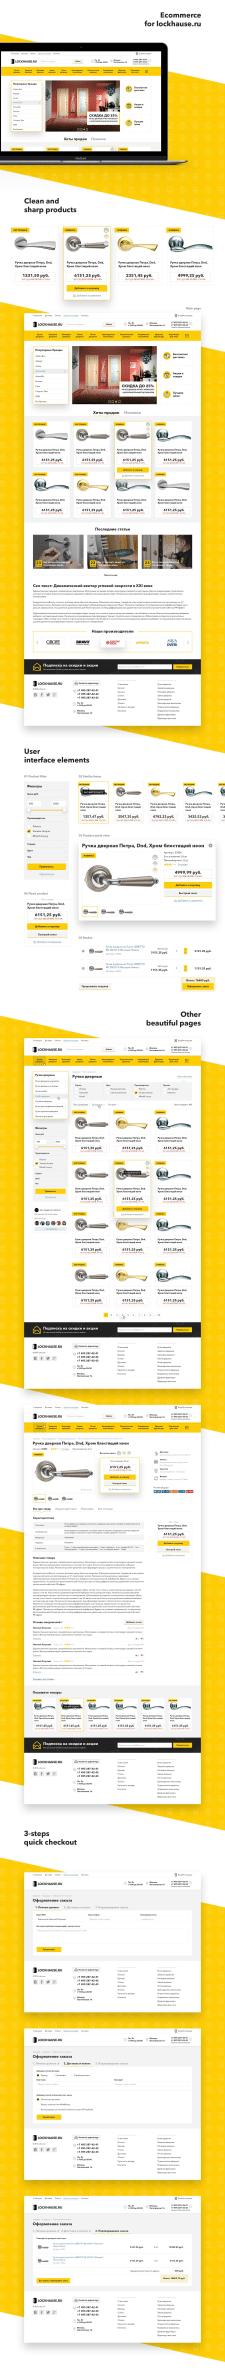 Ecommerce website for doors and locks retailer